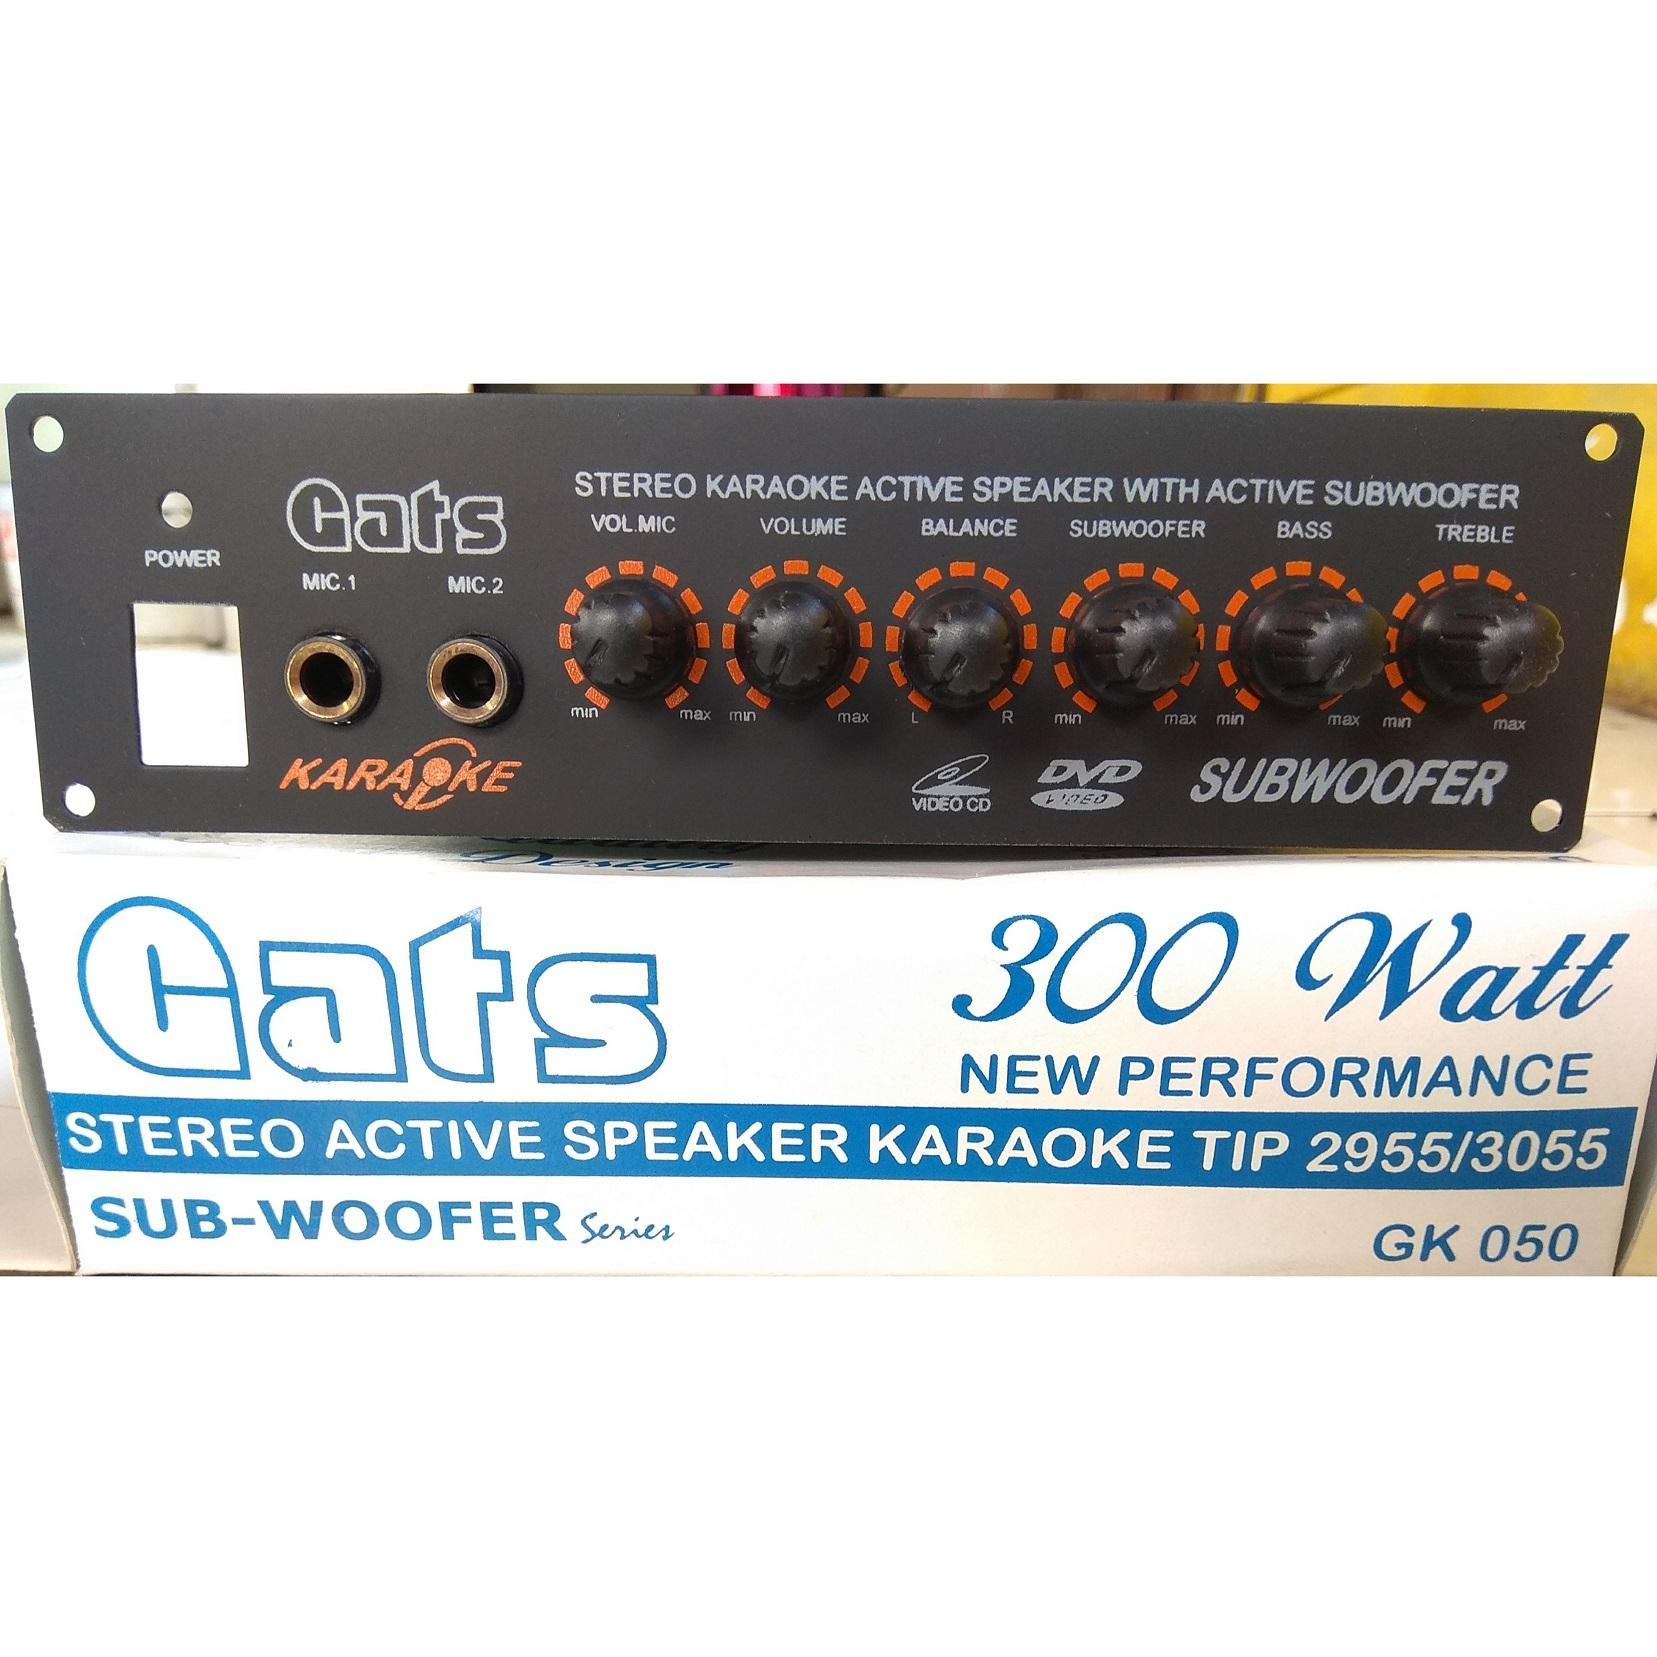 Kelebihan Mb 179 Amplifier Mono Subwoofer 300w Tomcat Model 4 Sanken 300 Watt Power Kit Speaker Aktif Stereo Karaoke